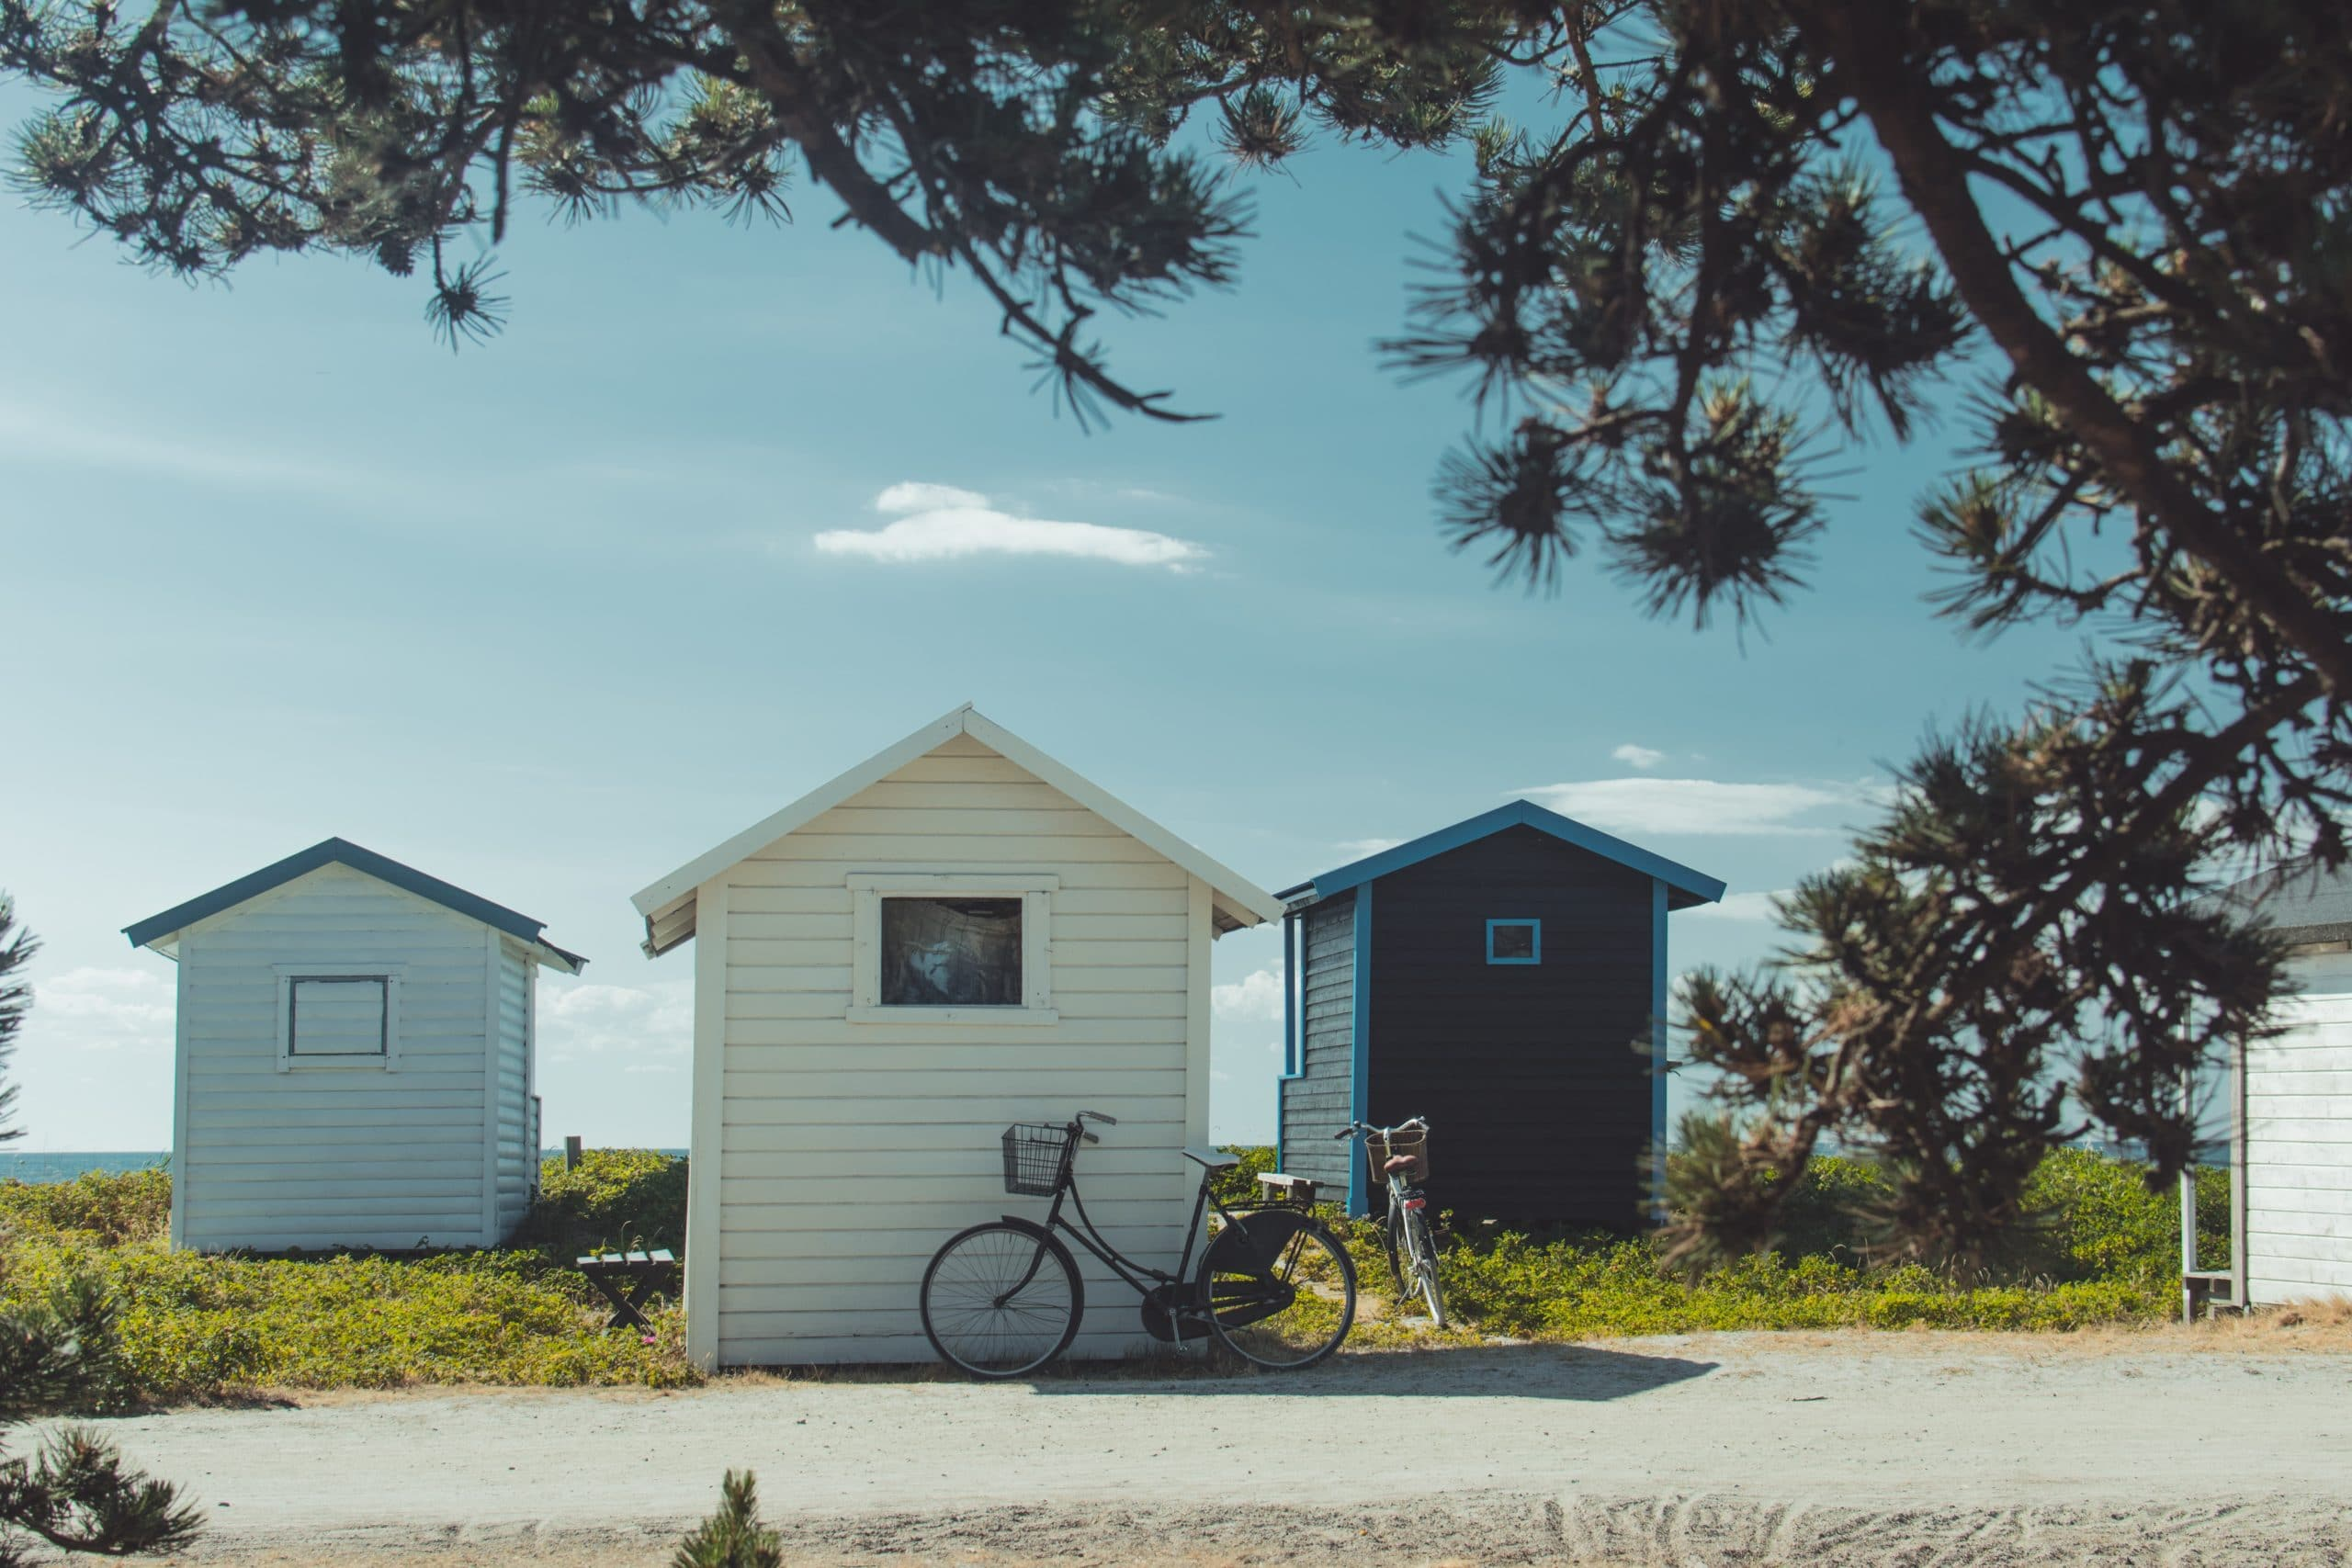 cabane en bois sur la plage normandie